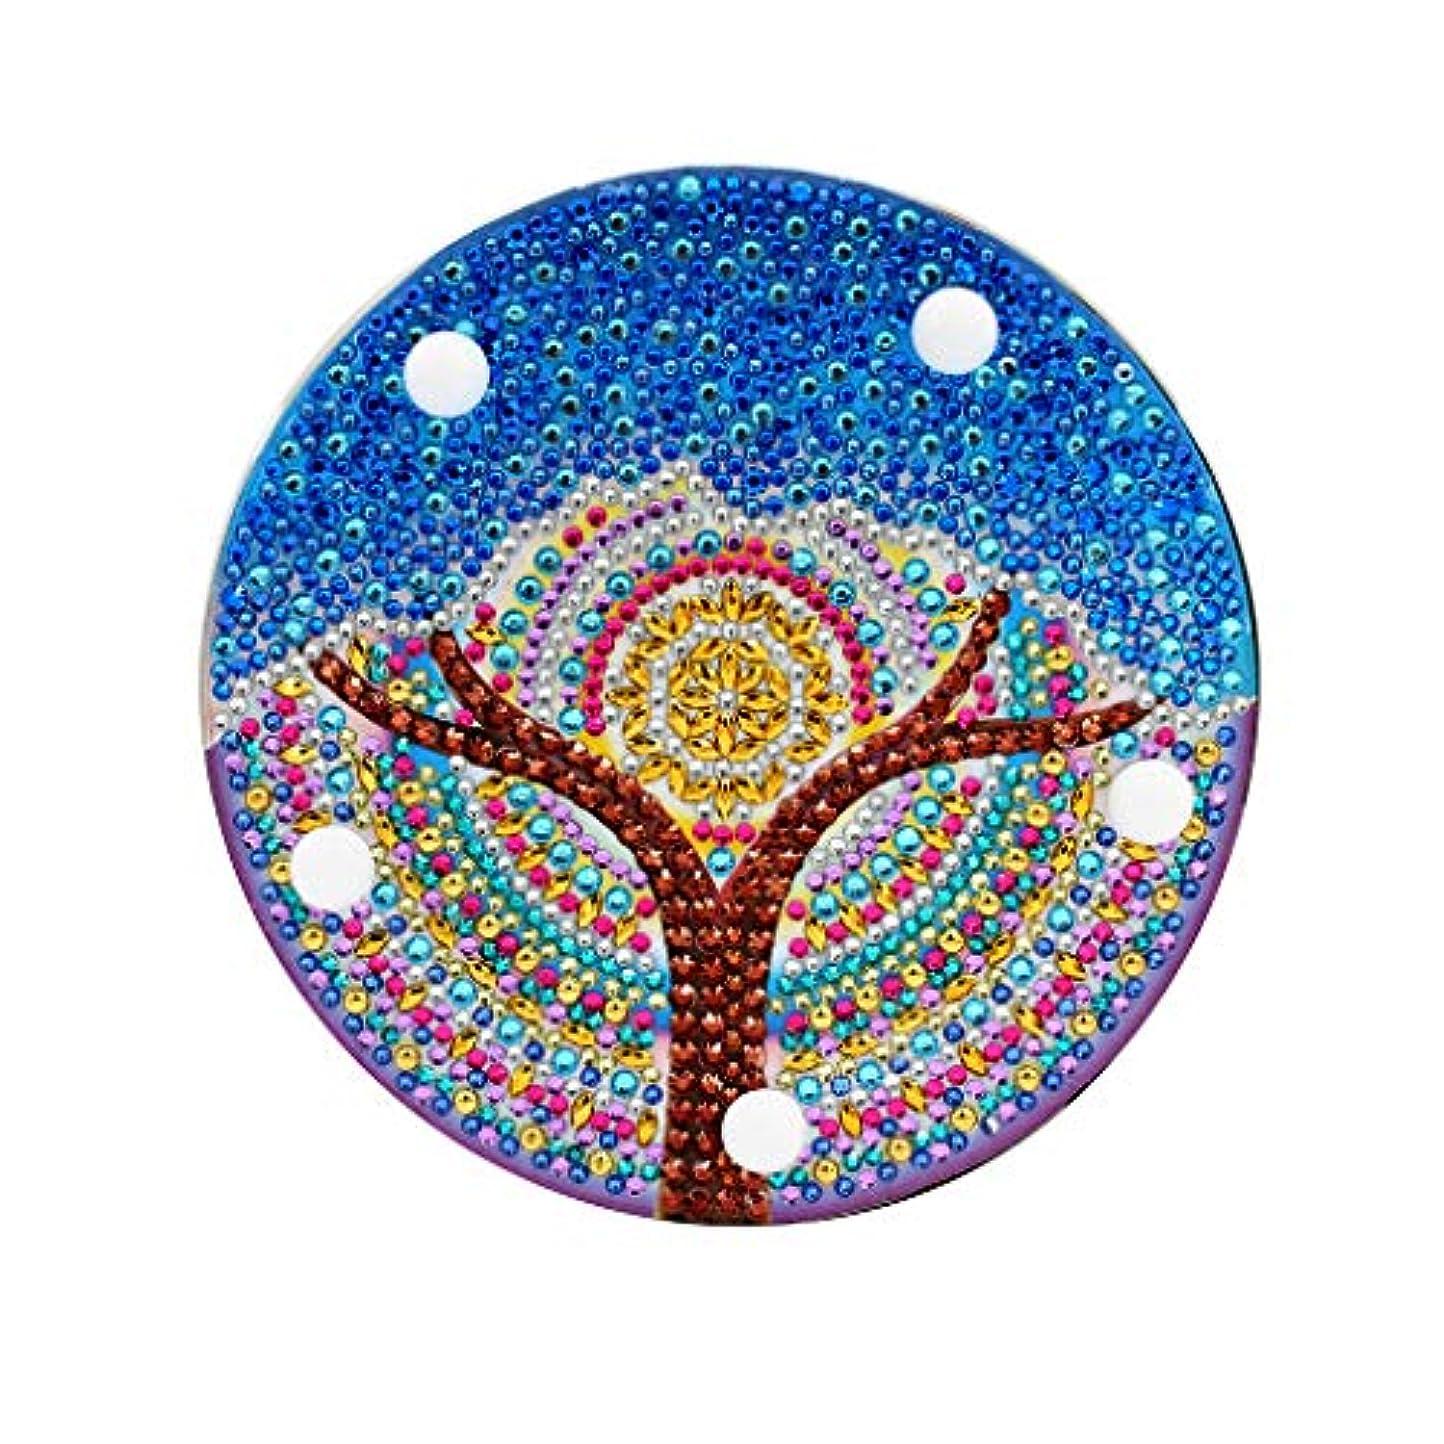 外観自分を引き上げる帝国主義Barlingrock バーリングロックDIYダイヤモンド塗装ライト刺繍フルドリル専用ダイヤモンドLEDライトダイヤモンド塗装スタイルランプ(青)